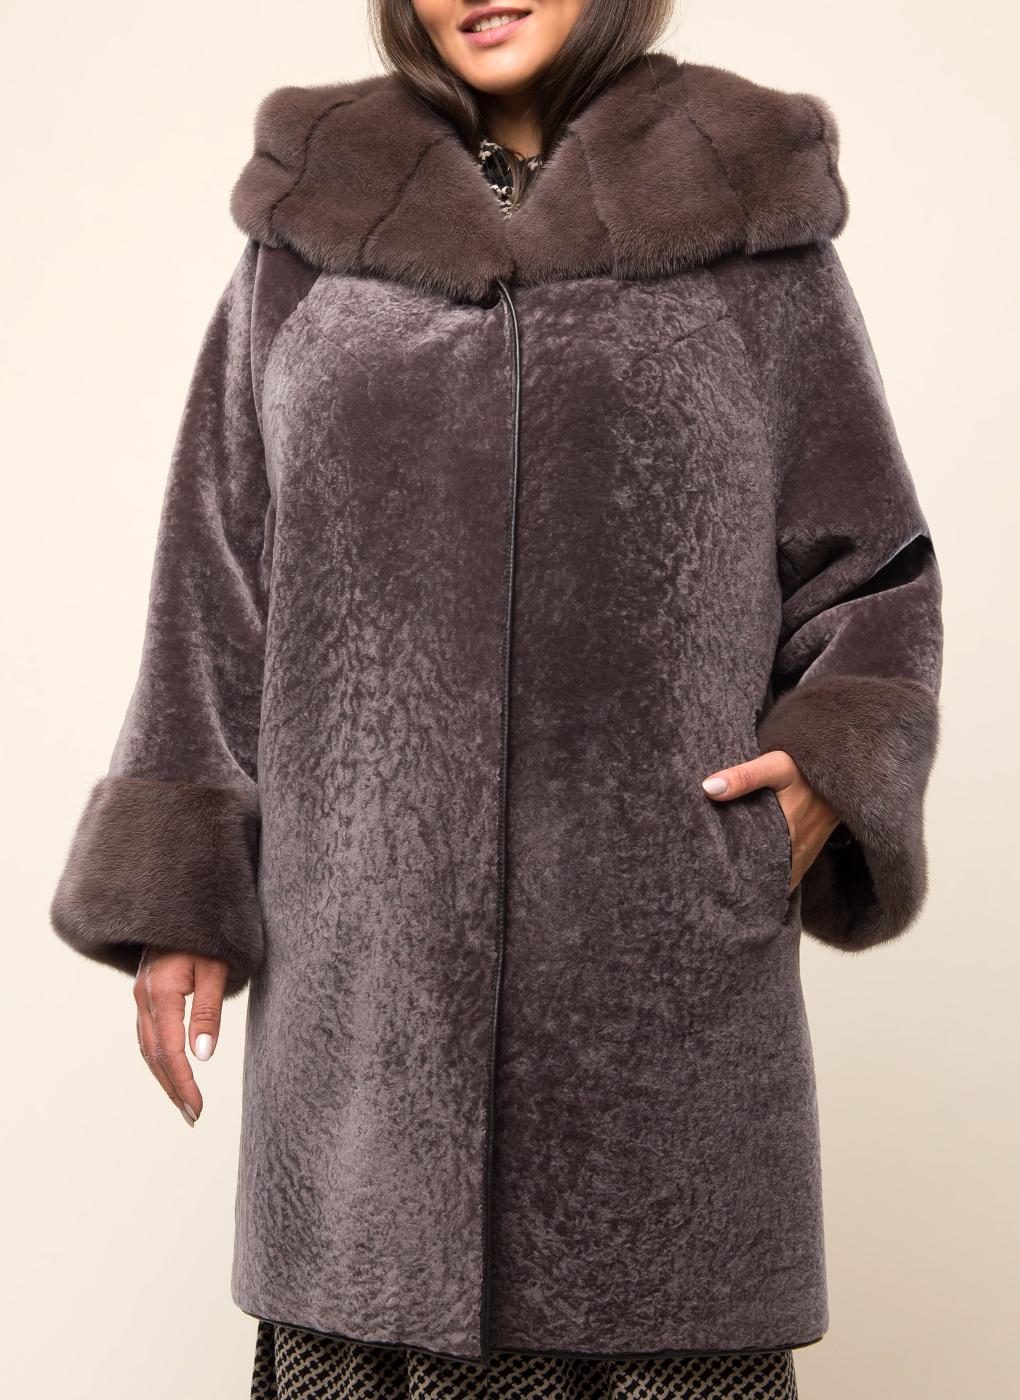 Пальто из овчины 05, Panafics furs фото